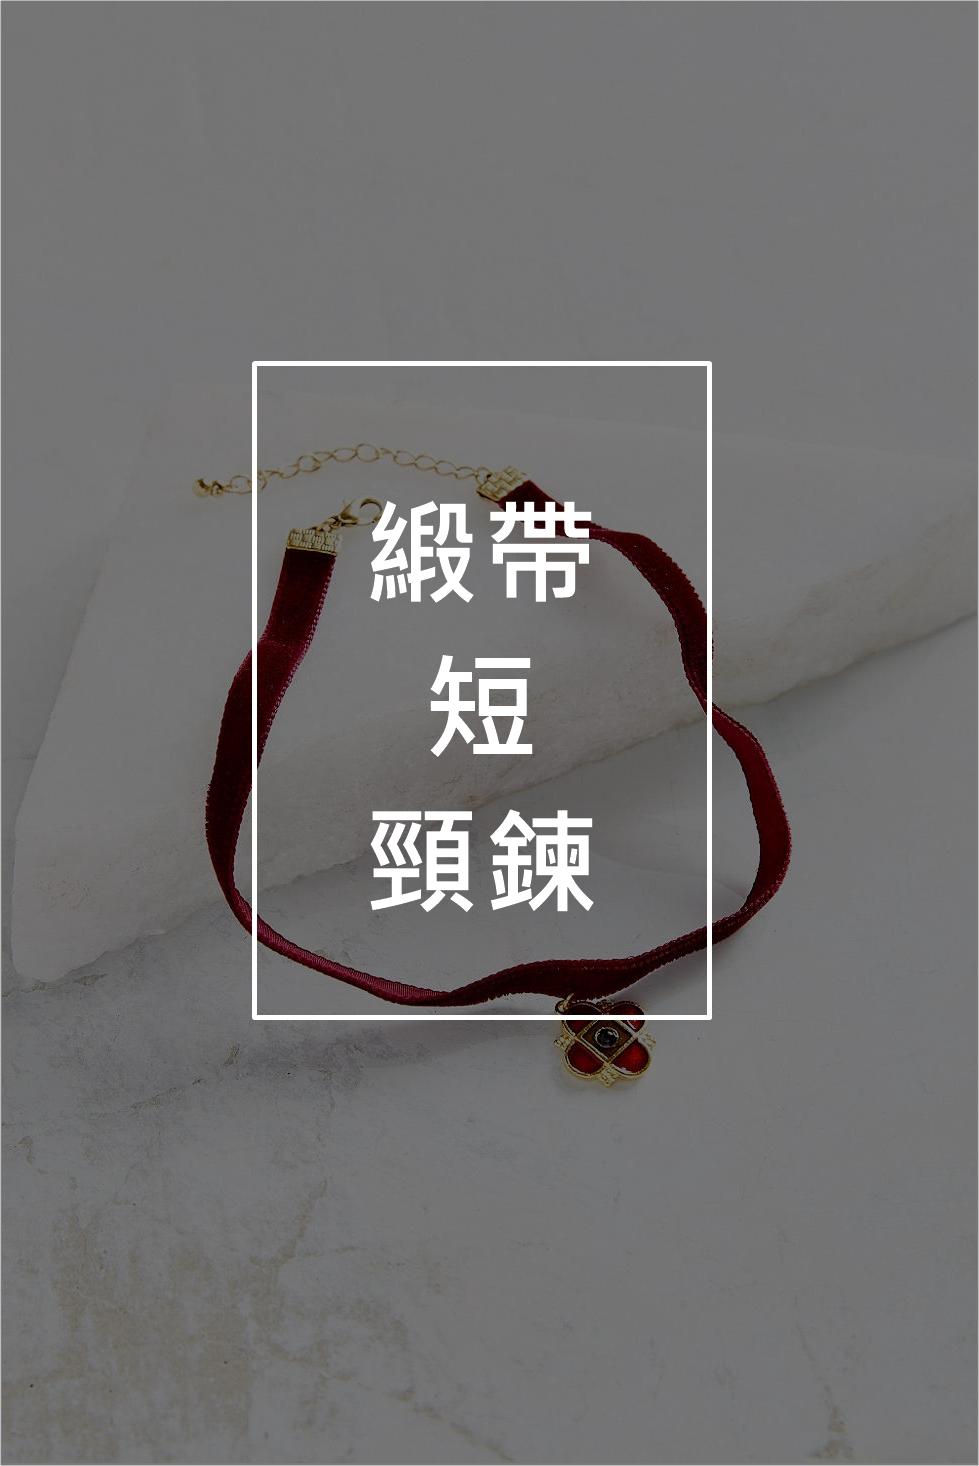 短頸鍊的風潮仍然未退,上次介紹的泰妍MV穿搭中也有提到喔!不過不同的是,IU款是以緞帶為主,一起來看看